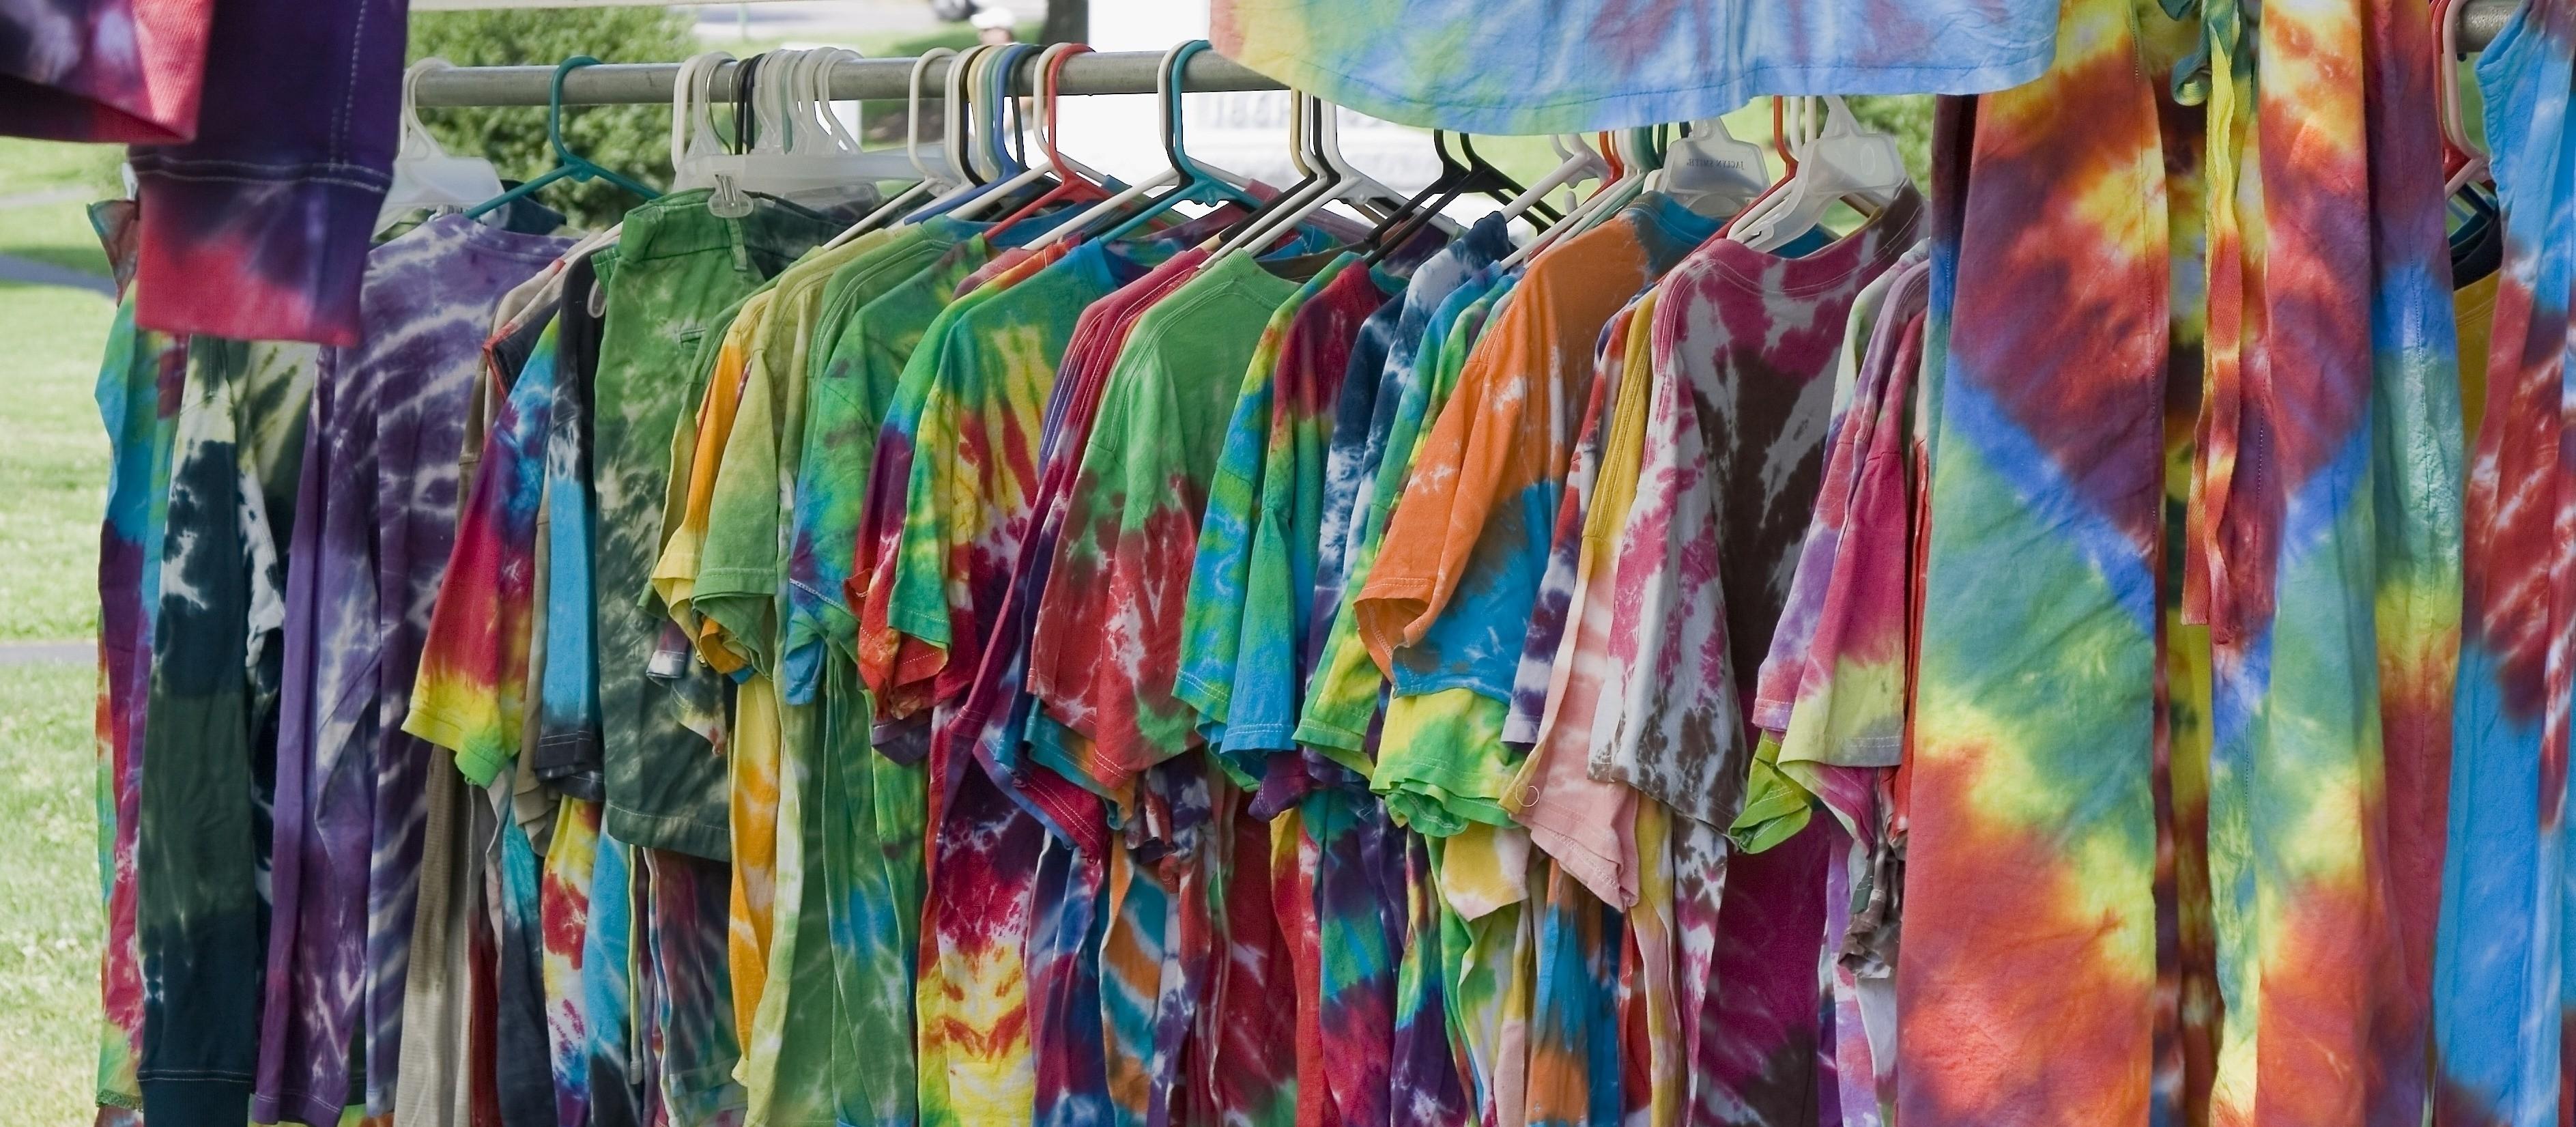 Moda 'Tie Dye' e 'Ombré' serão tendências nas próximas estações